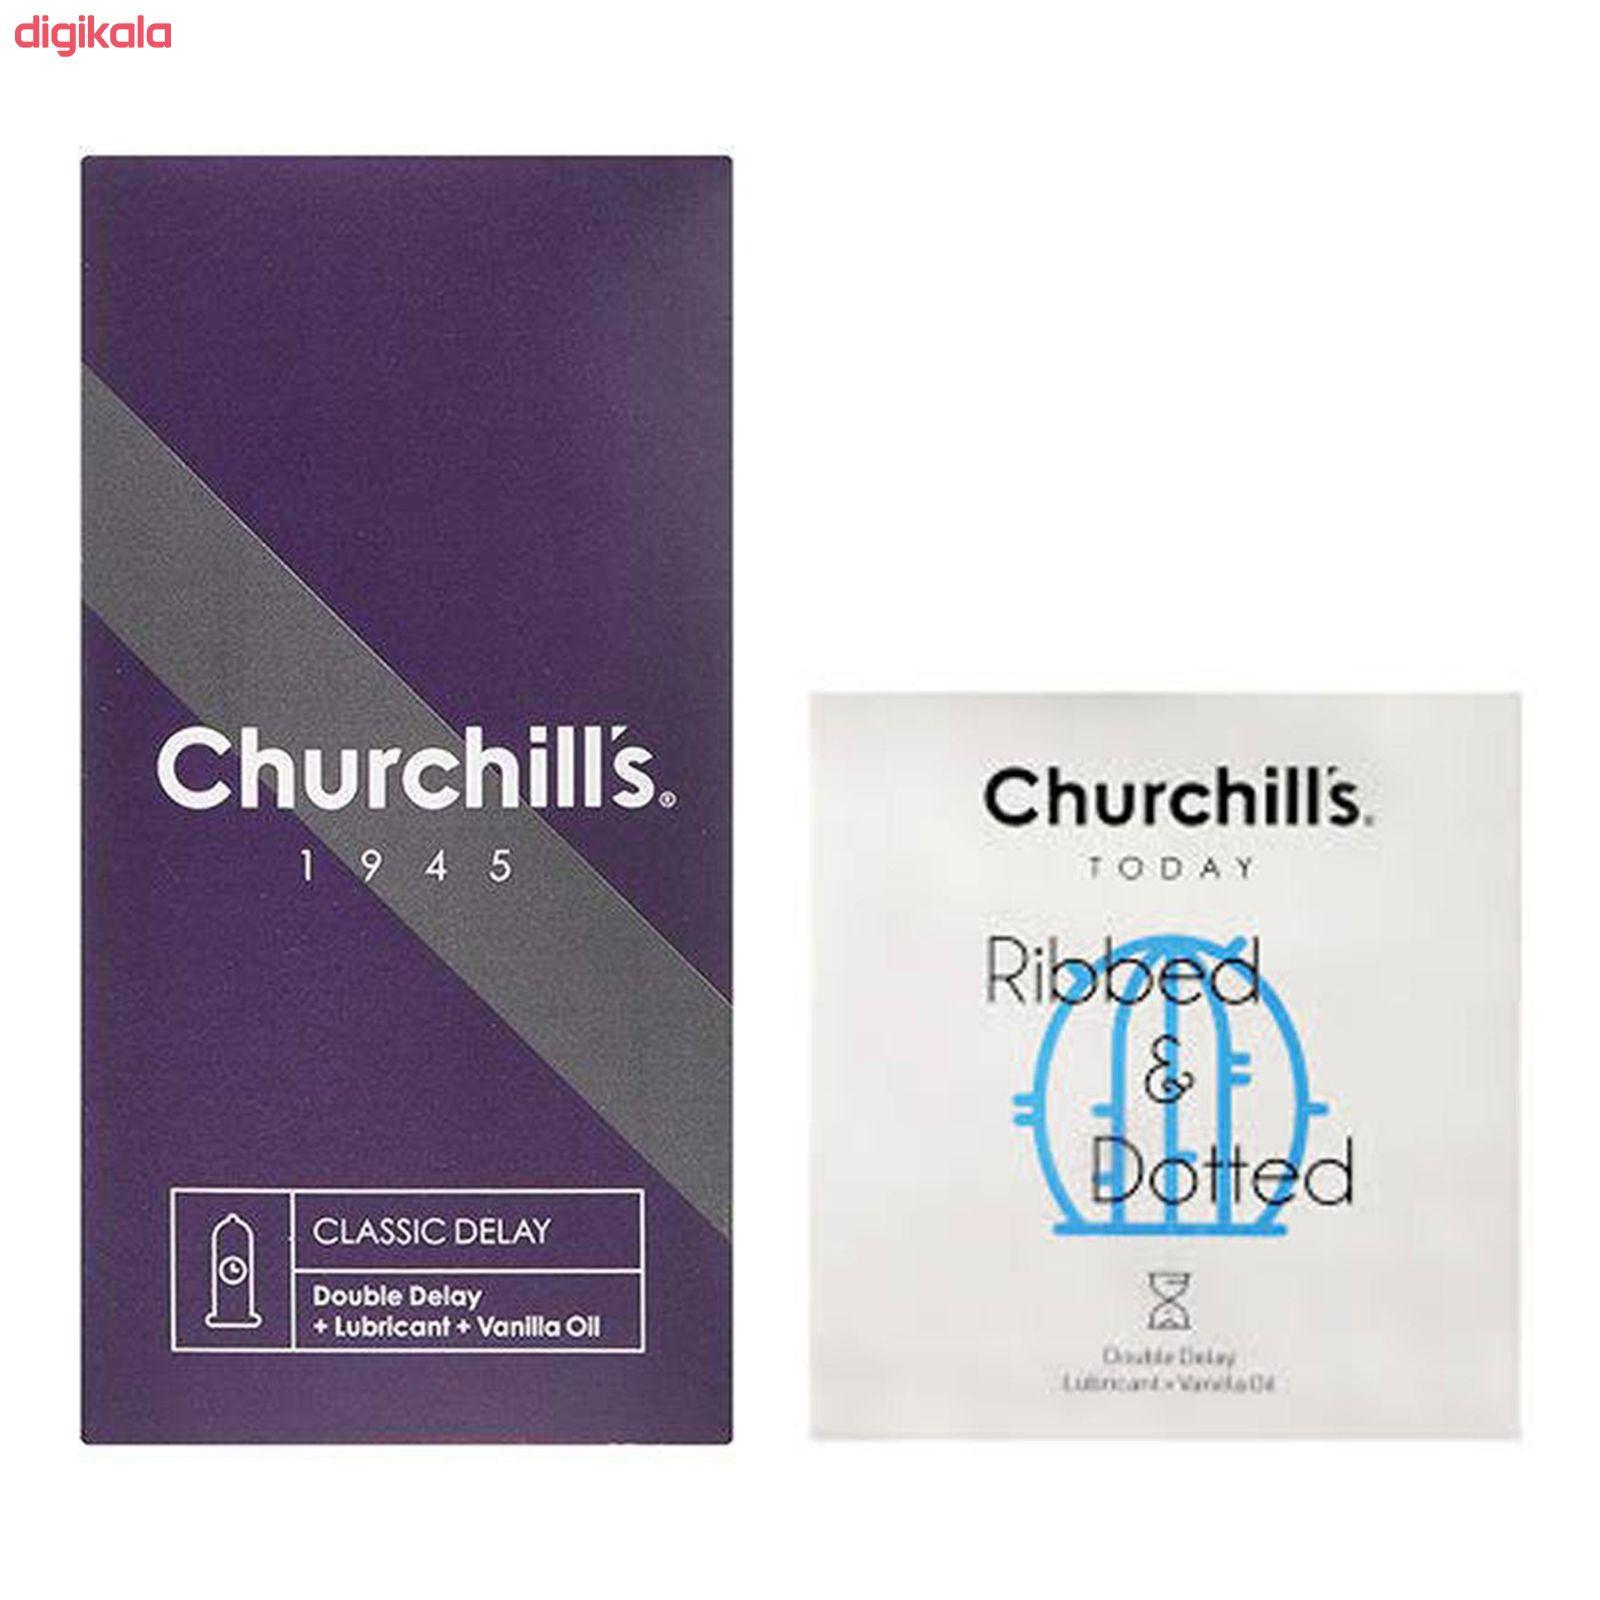 کاندوم چرچیلز مدل کلاسیک تاخیری بسته 12 عددی به همراه کاندوم چرچیلز مدل شیاردار و خاردار بسته 3 عددی main 1 1